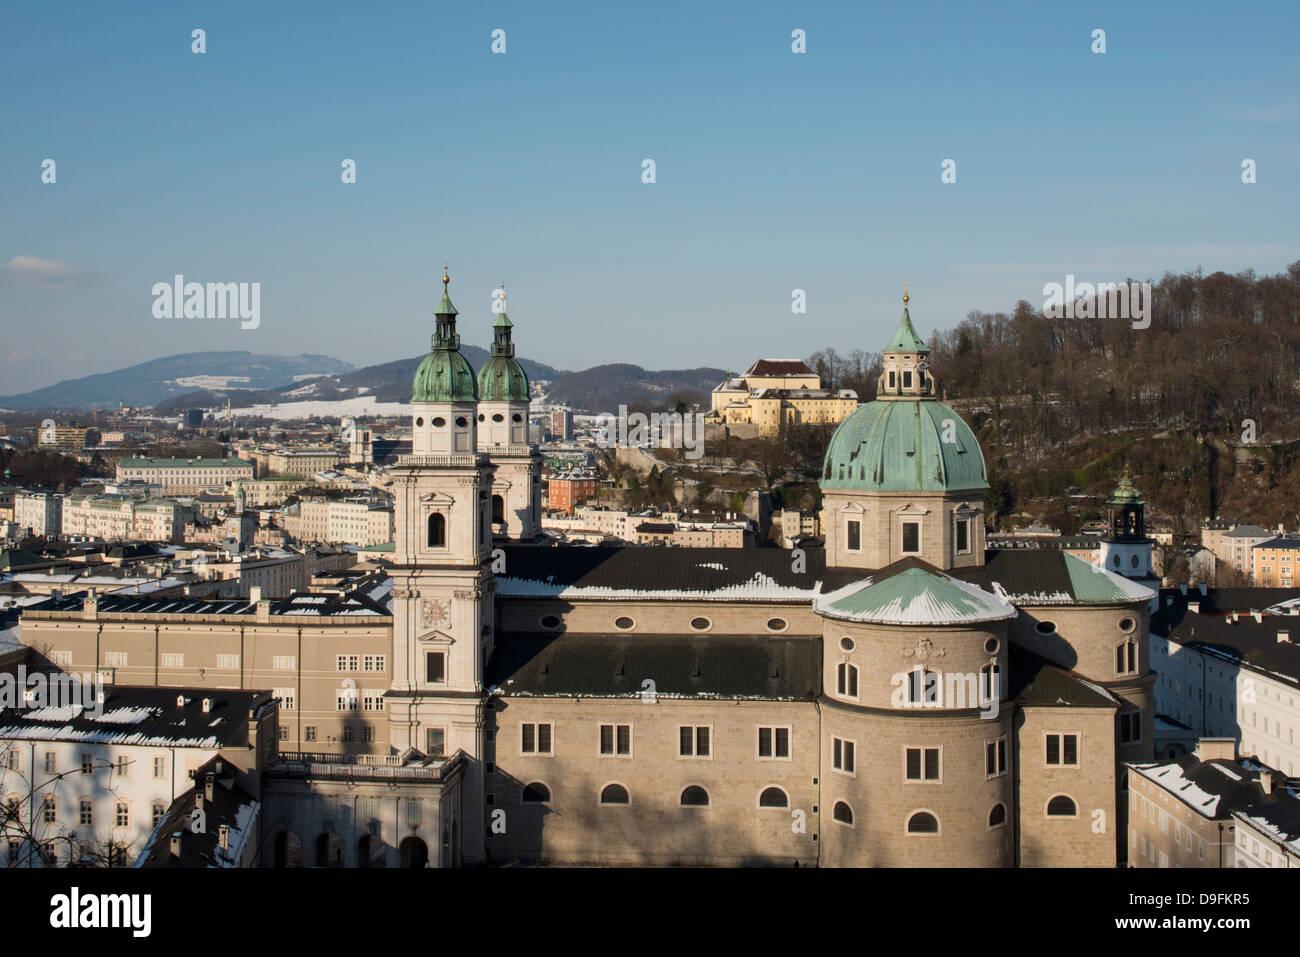 Ein Blick auf die Kuppeln der Salzburger Dom in der Altstadt, Salzburg, Österreich Stockbild